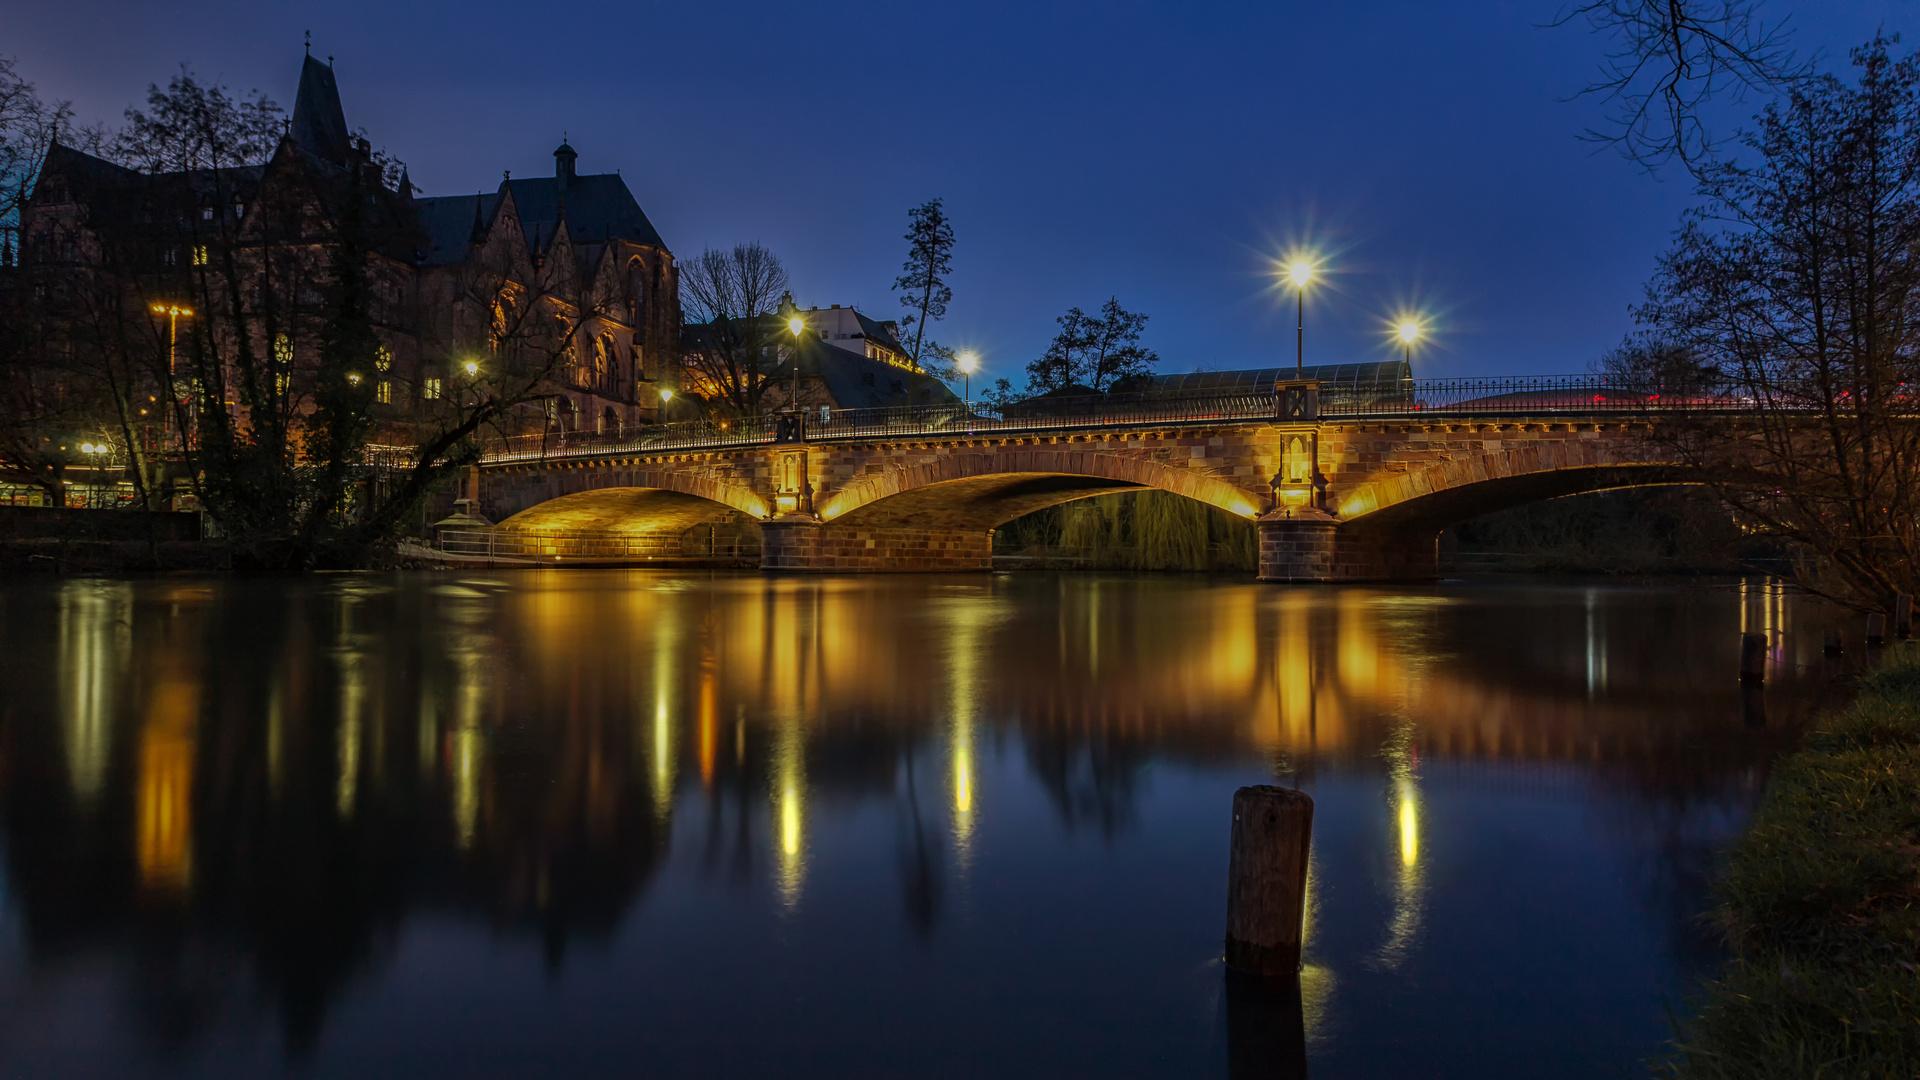 Weidenhäuser Brücke und Alte Universität